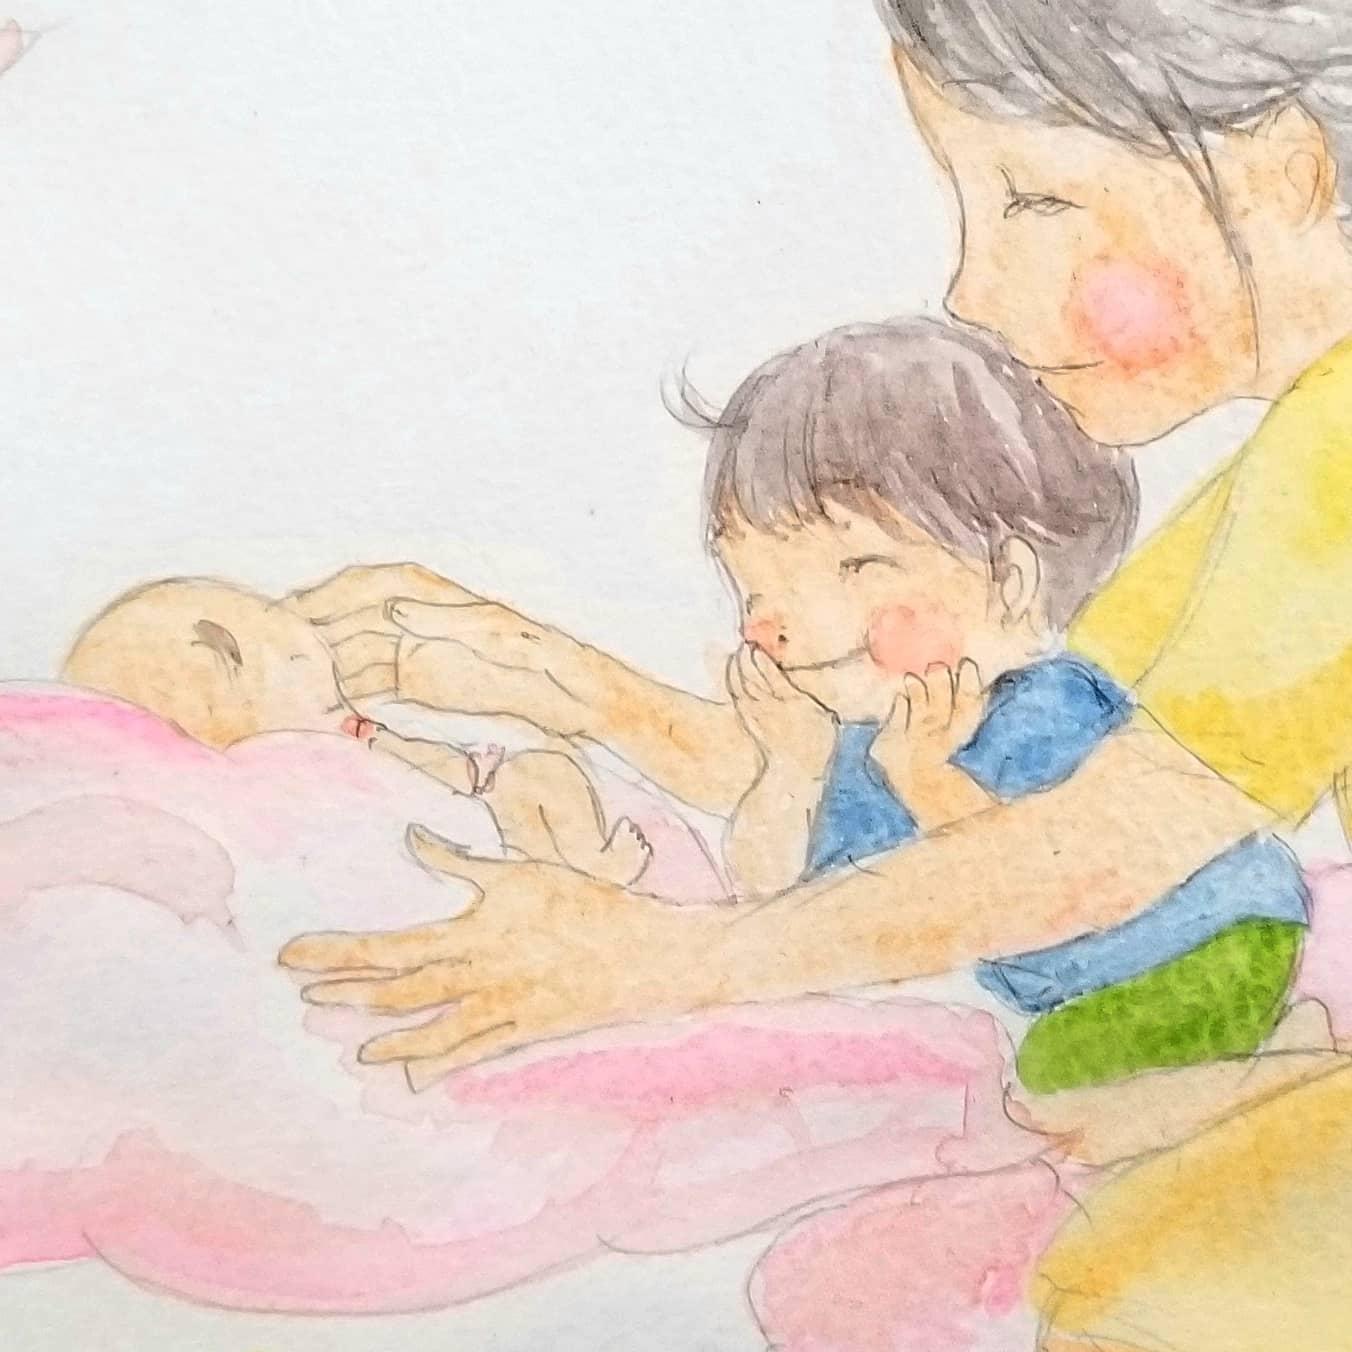 【お兄ちゃんと。お姉ちゃんと。】赤ちゃんが生まれたらお兄ちゃんお姉ちゃんきっとうれしいけれどママをとられたような気がしますわらべうたベビーマッサージでお兄ちゃんお姉ちゃんを癒してあげませんか?今日がいい日かもしれません(o^-^o)家族のためにわらべうたベビーマッサージを。仙台:おおうち#新生児#わらべうた#わらべうたベビーマッサージ#産後(Instagram)